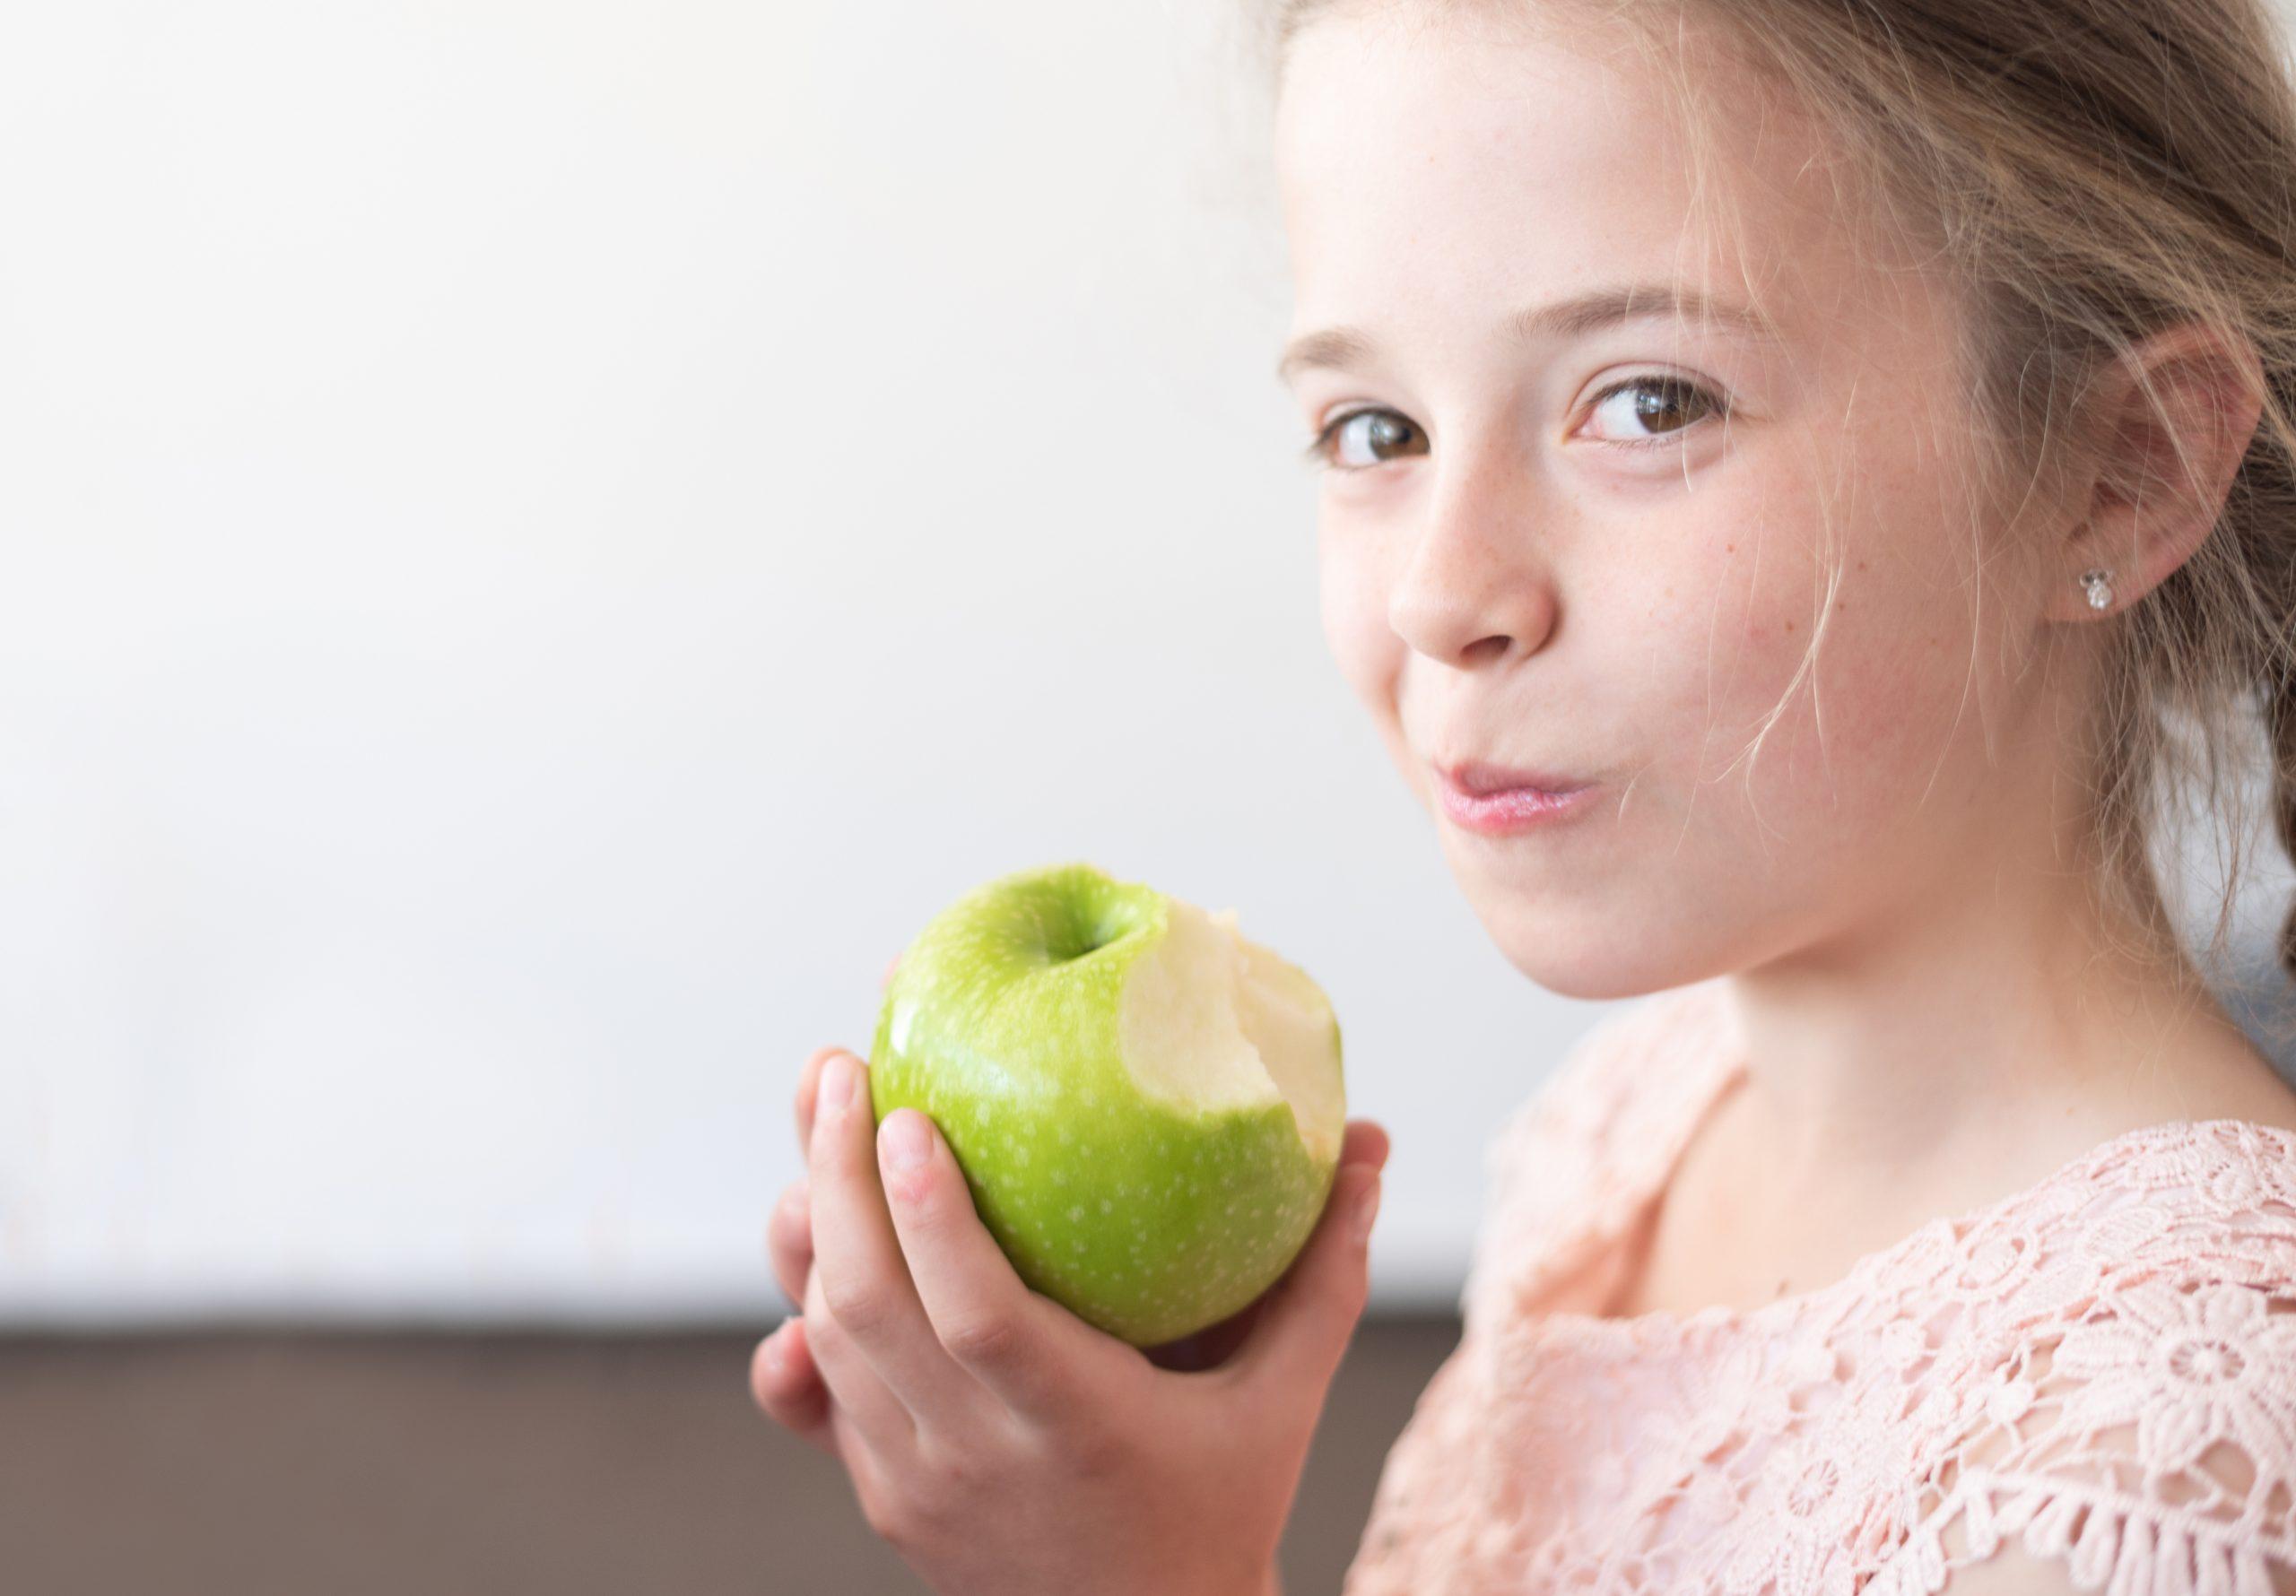 little girl eating apple national health month